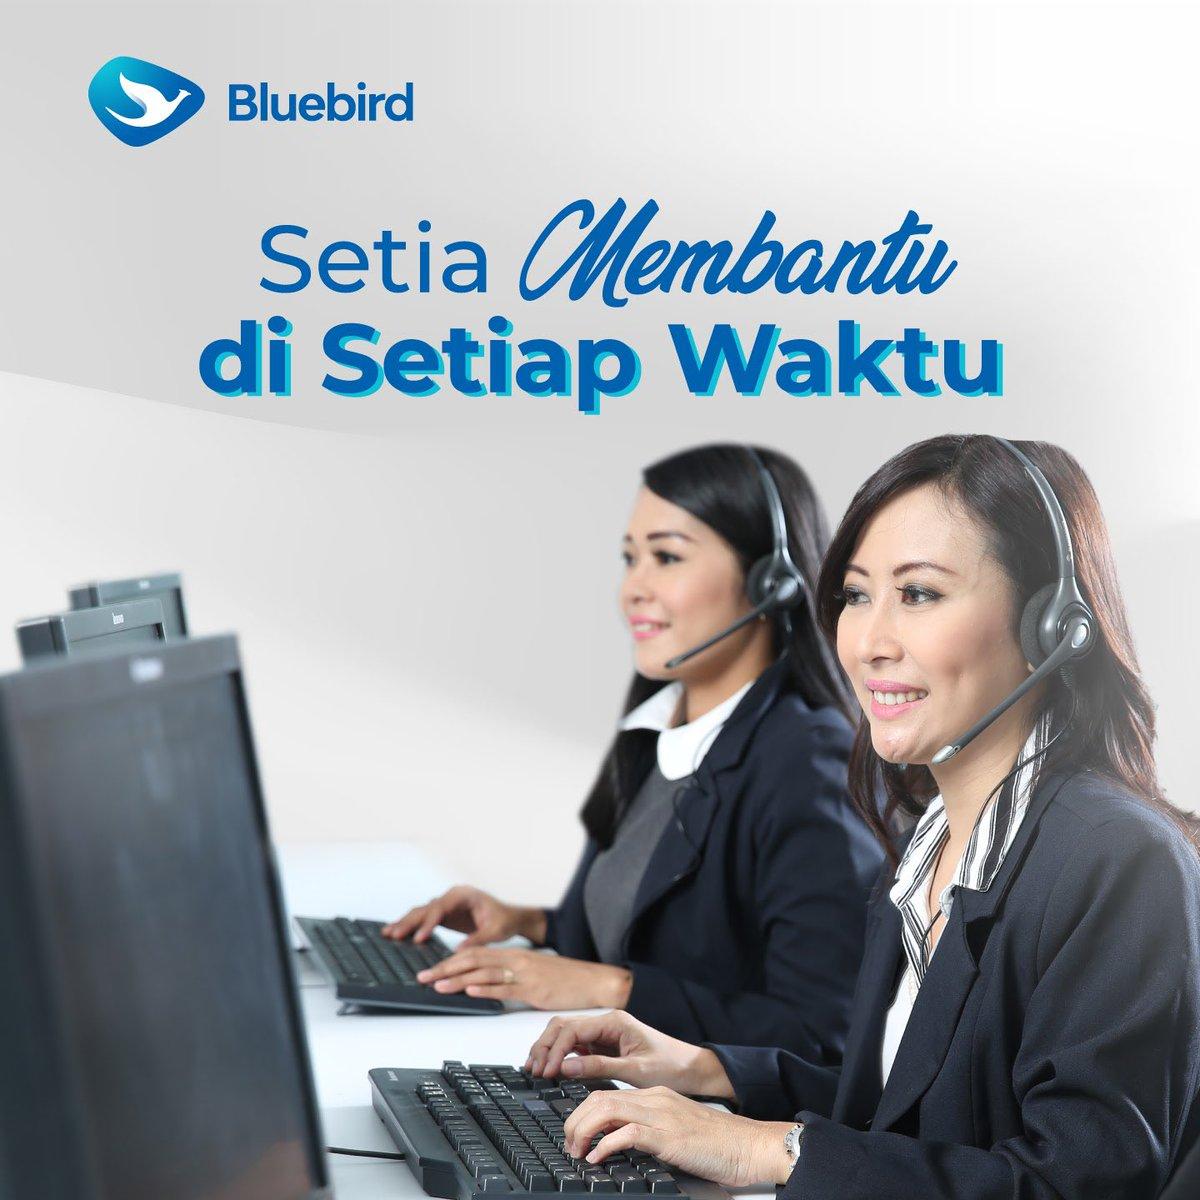 u03bf u03c7u03c1u03aeu03c3u03c4u03b7u03c2 Bluebird Group u03c3u03c4u03bf Twitter Karena Kami Mengerti Bahwa Setiap Perjalanan Itu Memiliki Arti Tersendiri Kami Pastikan Semua Selalu Bisa Dapat Taksi Bluebird Telepon Saja Kami Di Nomor Call Center Yang